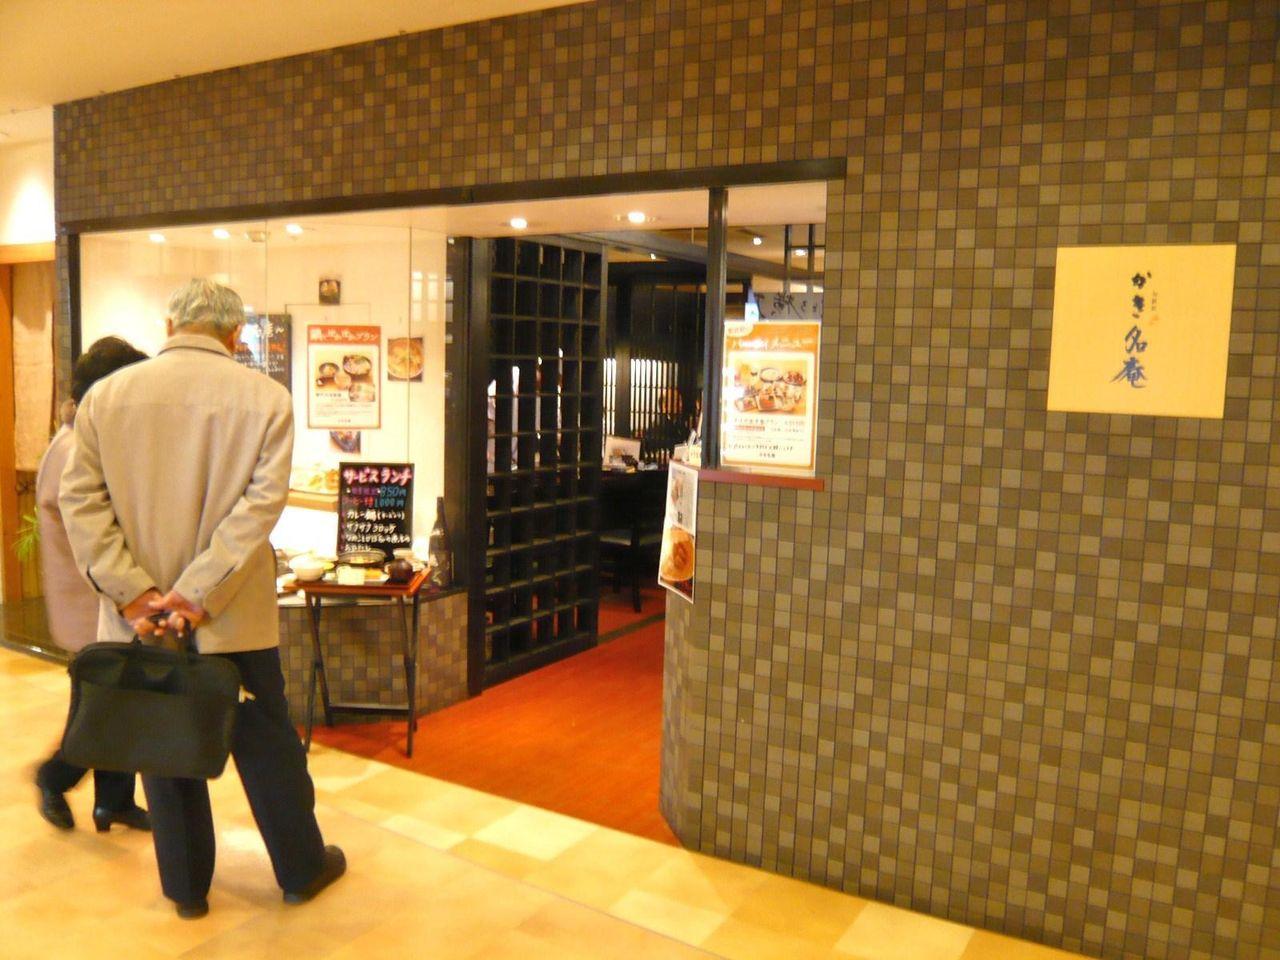 広島駅ビルASSE6階のレストラン街にあります。